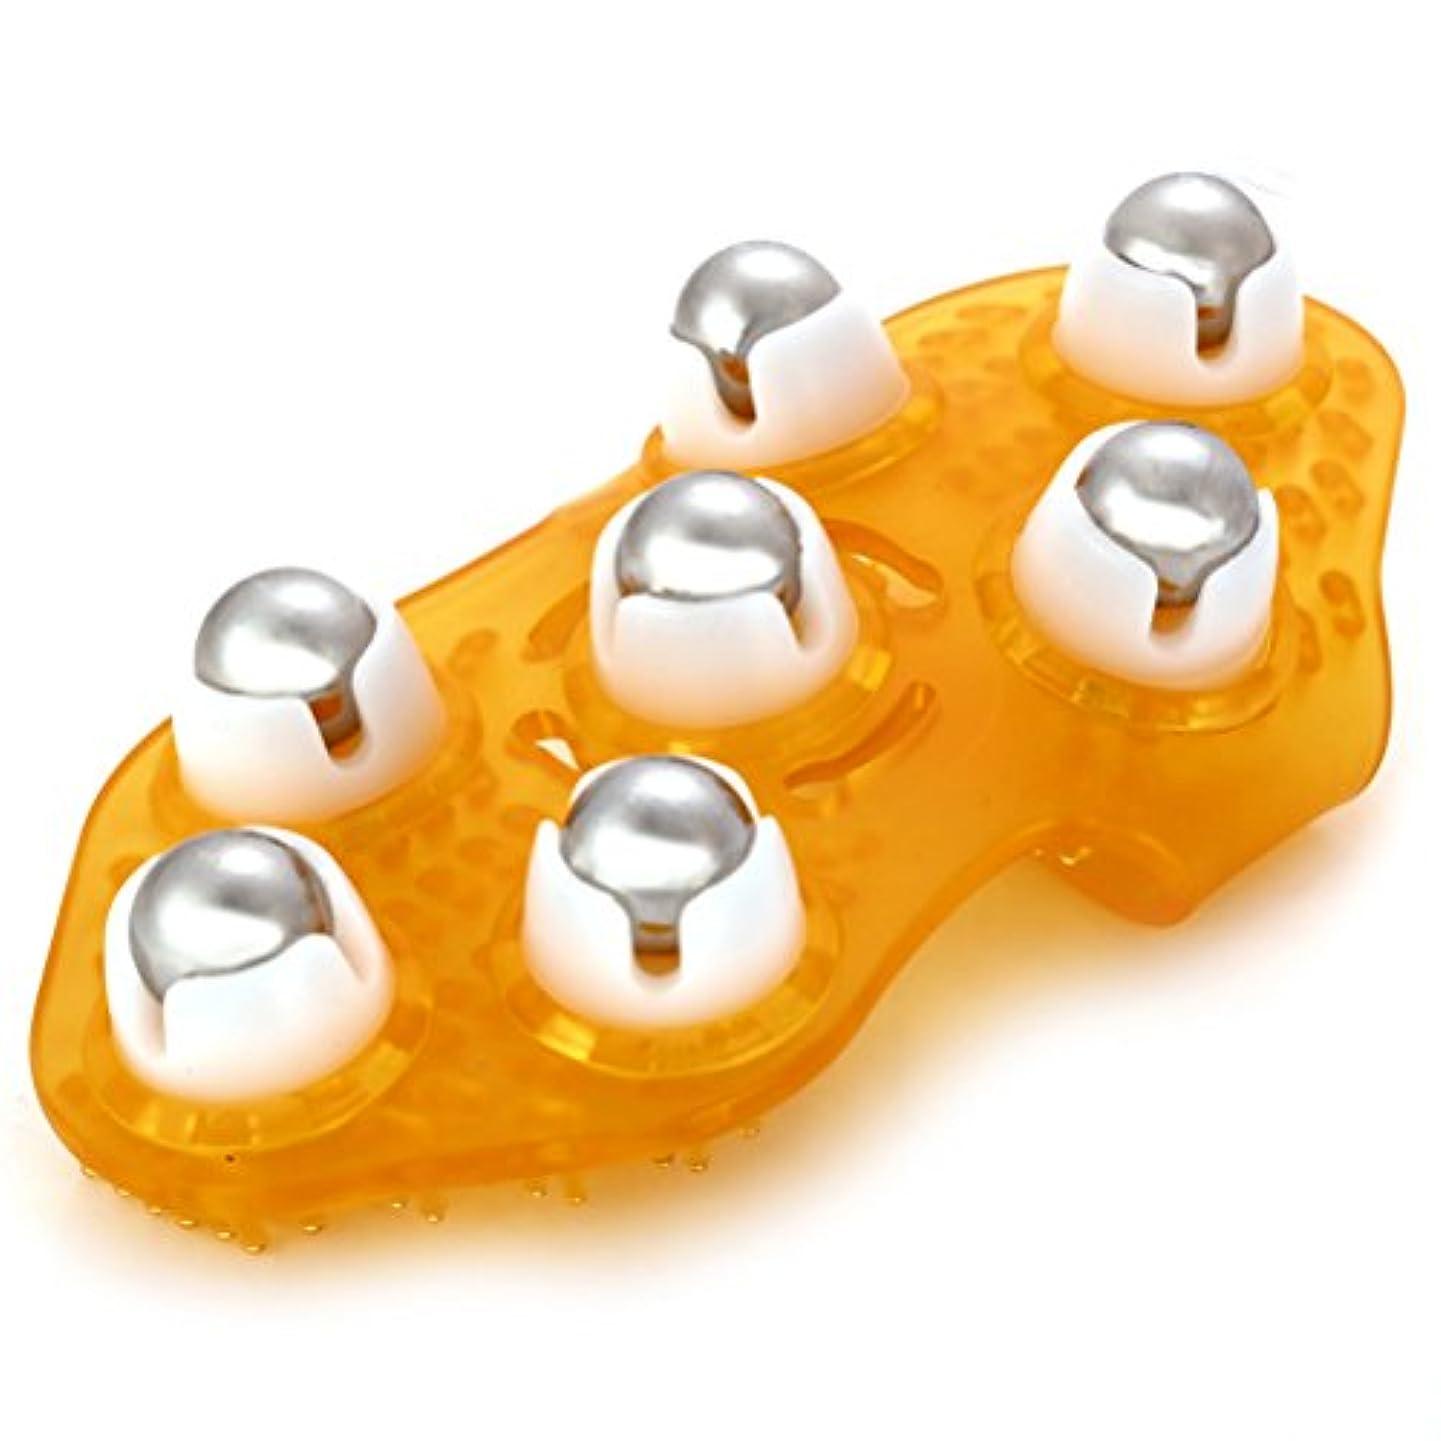 急ぐ量不愉快にROSENICE マッサージグローブ ボディ用 多機能マッサージ器具 360度鋼ローリングボール(ランダムカラー)